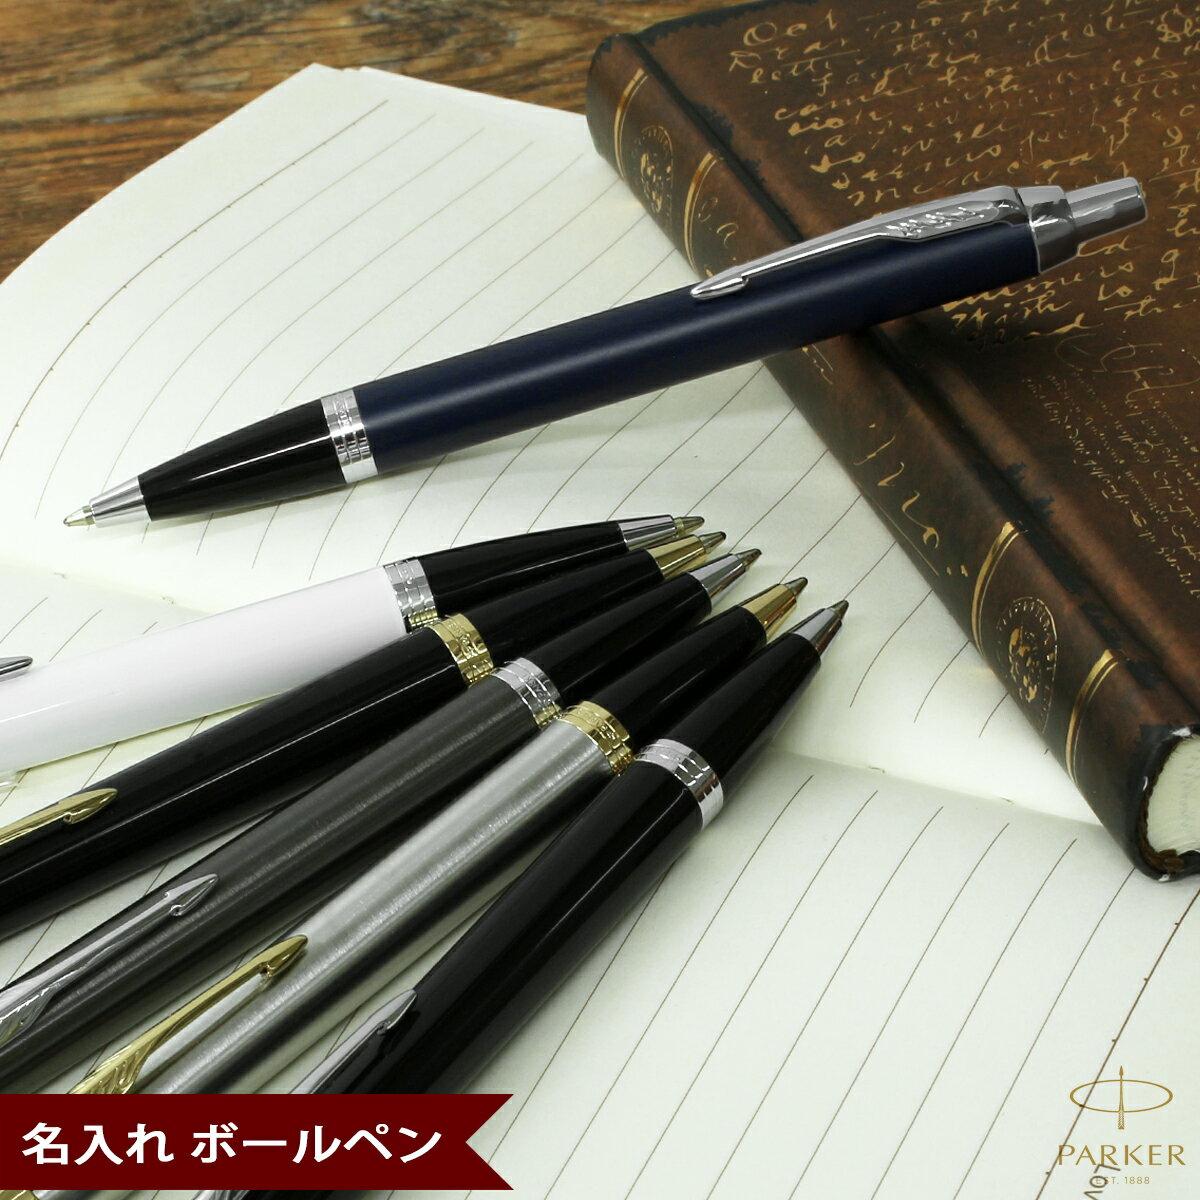 【即納可能】ボールペン 名入れ パーカー IM ボールペン ブラックGT/メタルGT/ブラックCT/ブルーCT/ダークエスプレッソCT/ホワイトCT